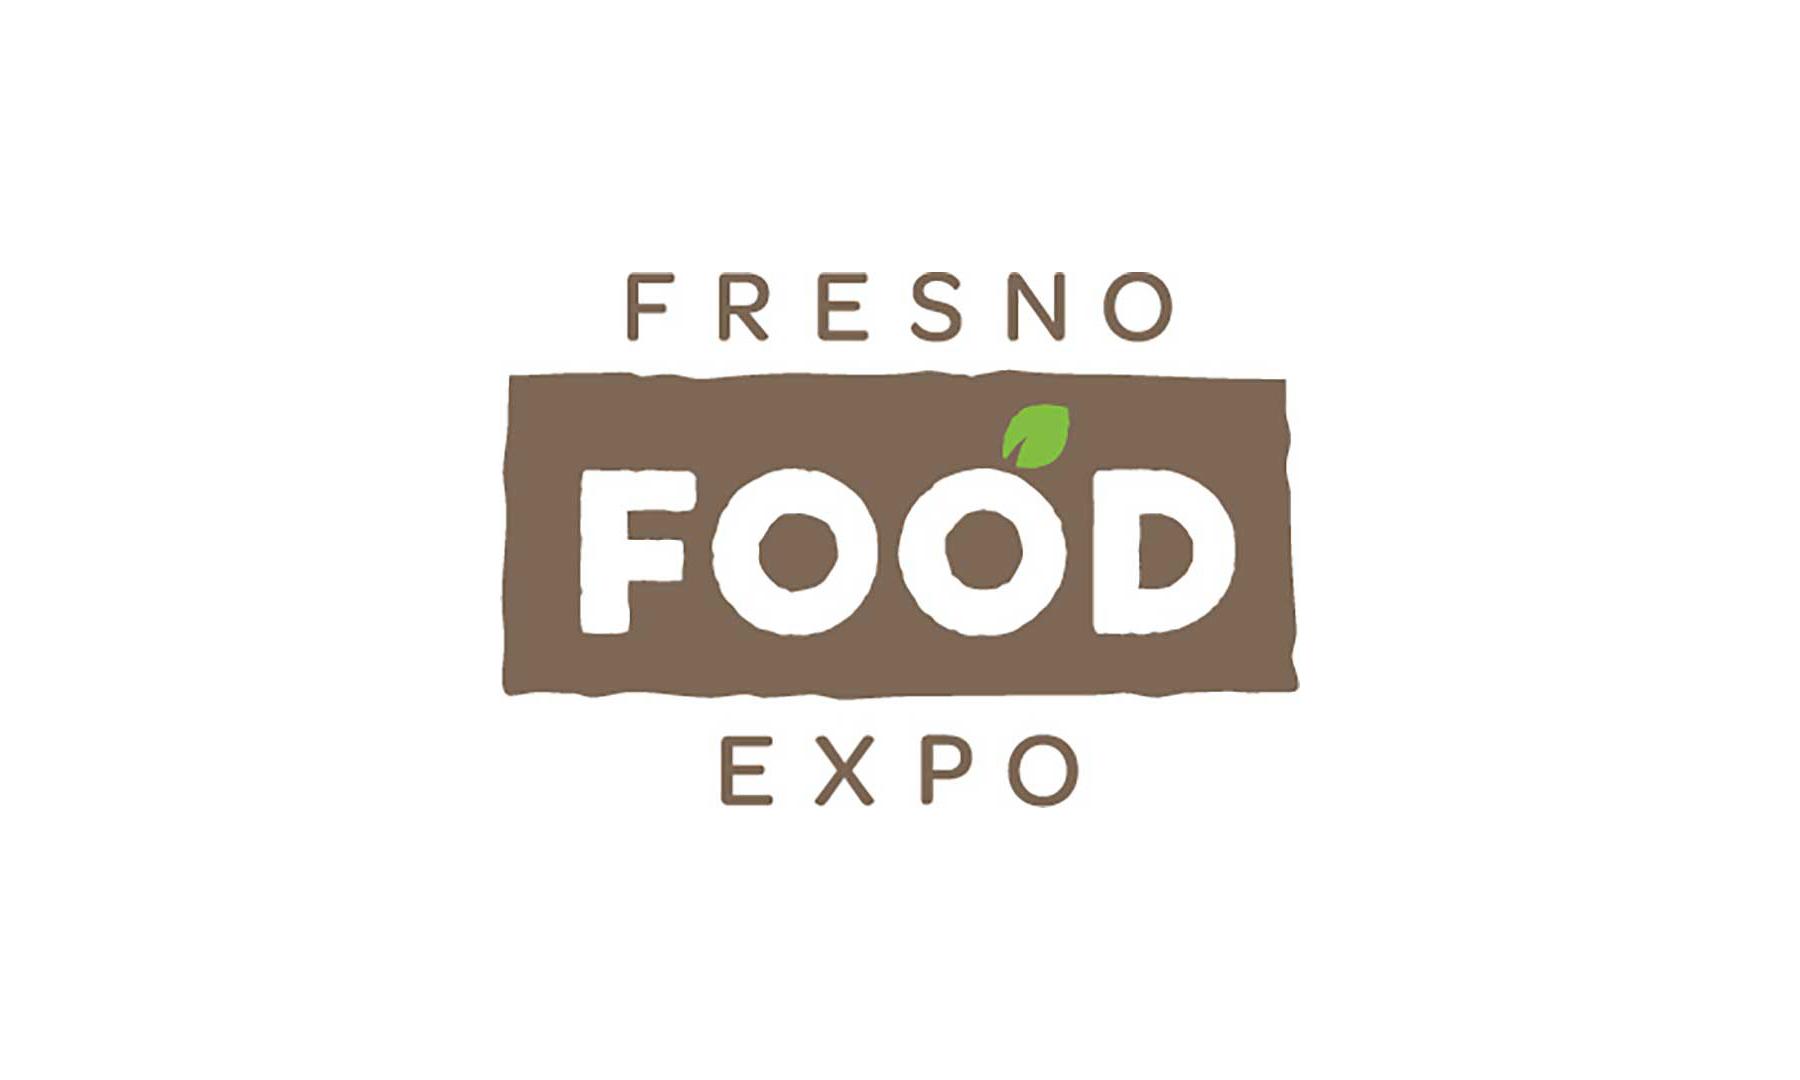 Fresno Food Expo logo